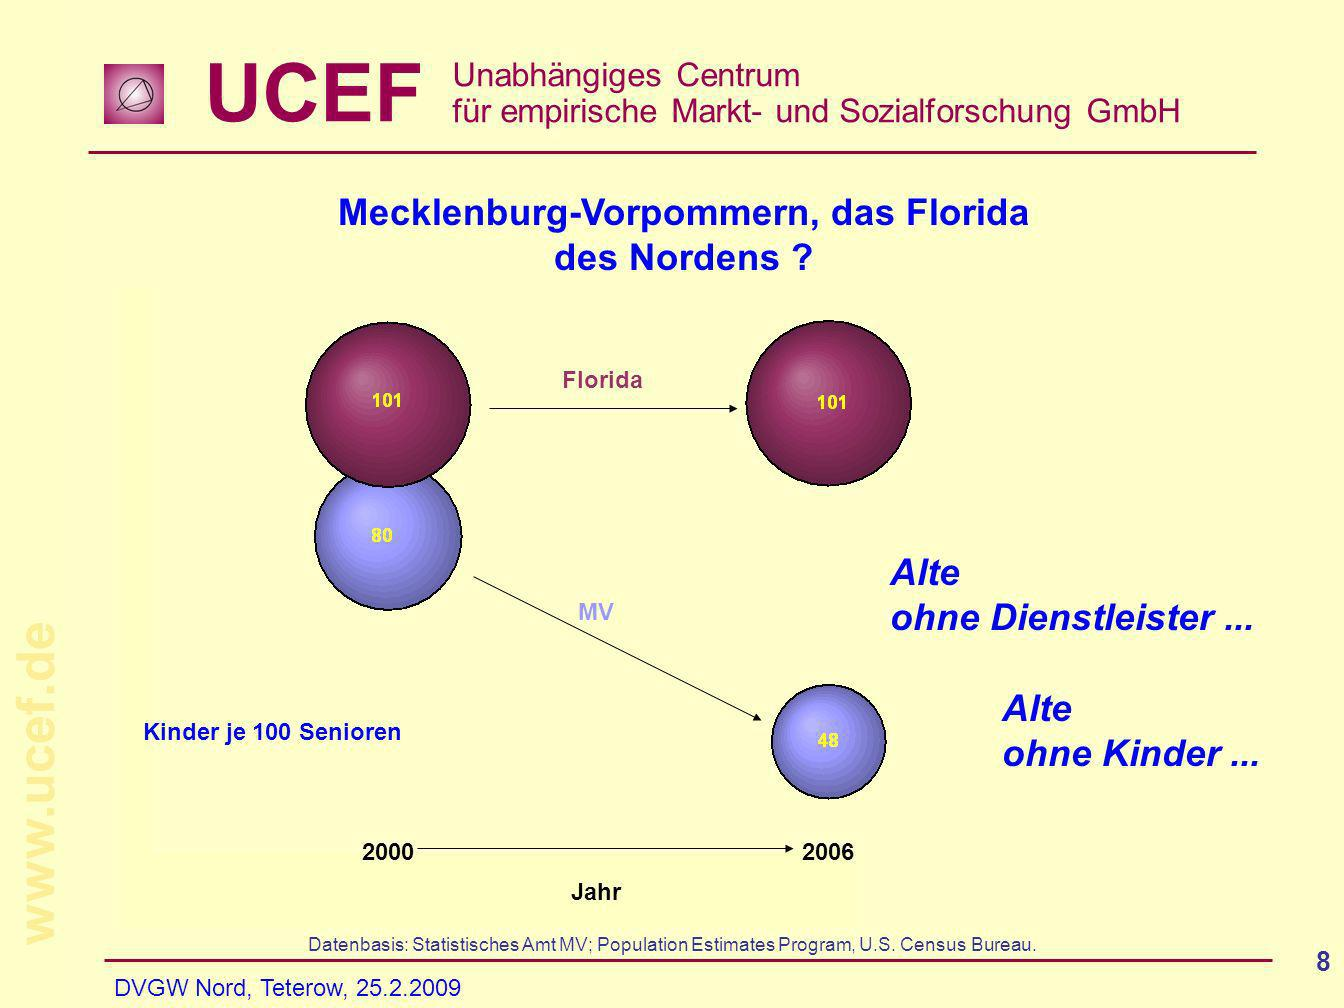 UCEF Unabhängiges Centrum für empirische Markt- und Sozialforschung GmbH www.ucef.de DVGW Nord, Teterow, 25.2.2009 8 Mecklenburg-Vorpommern, das Flori